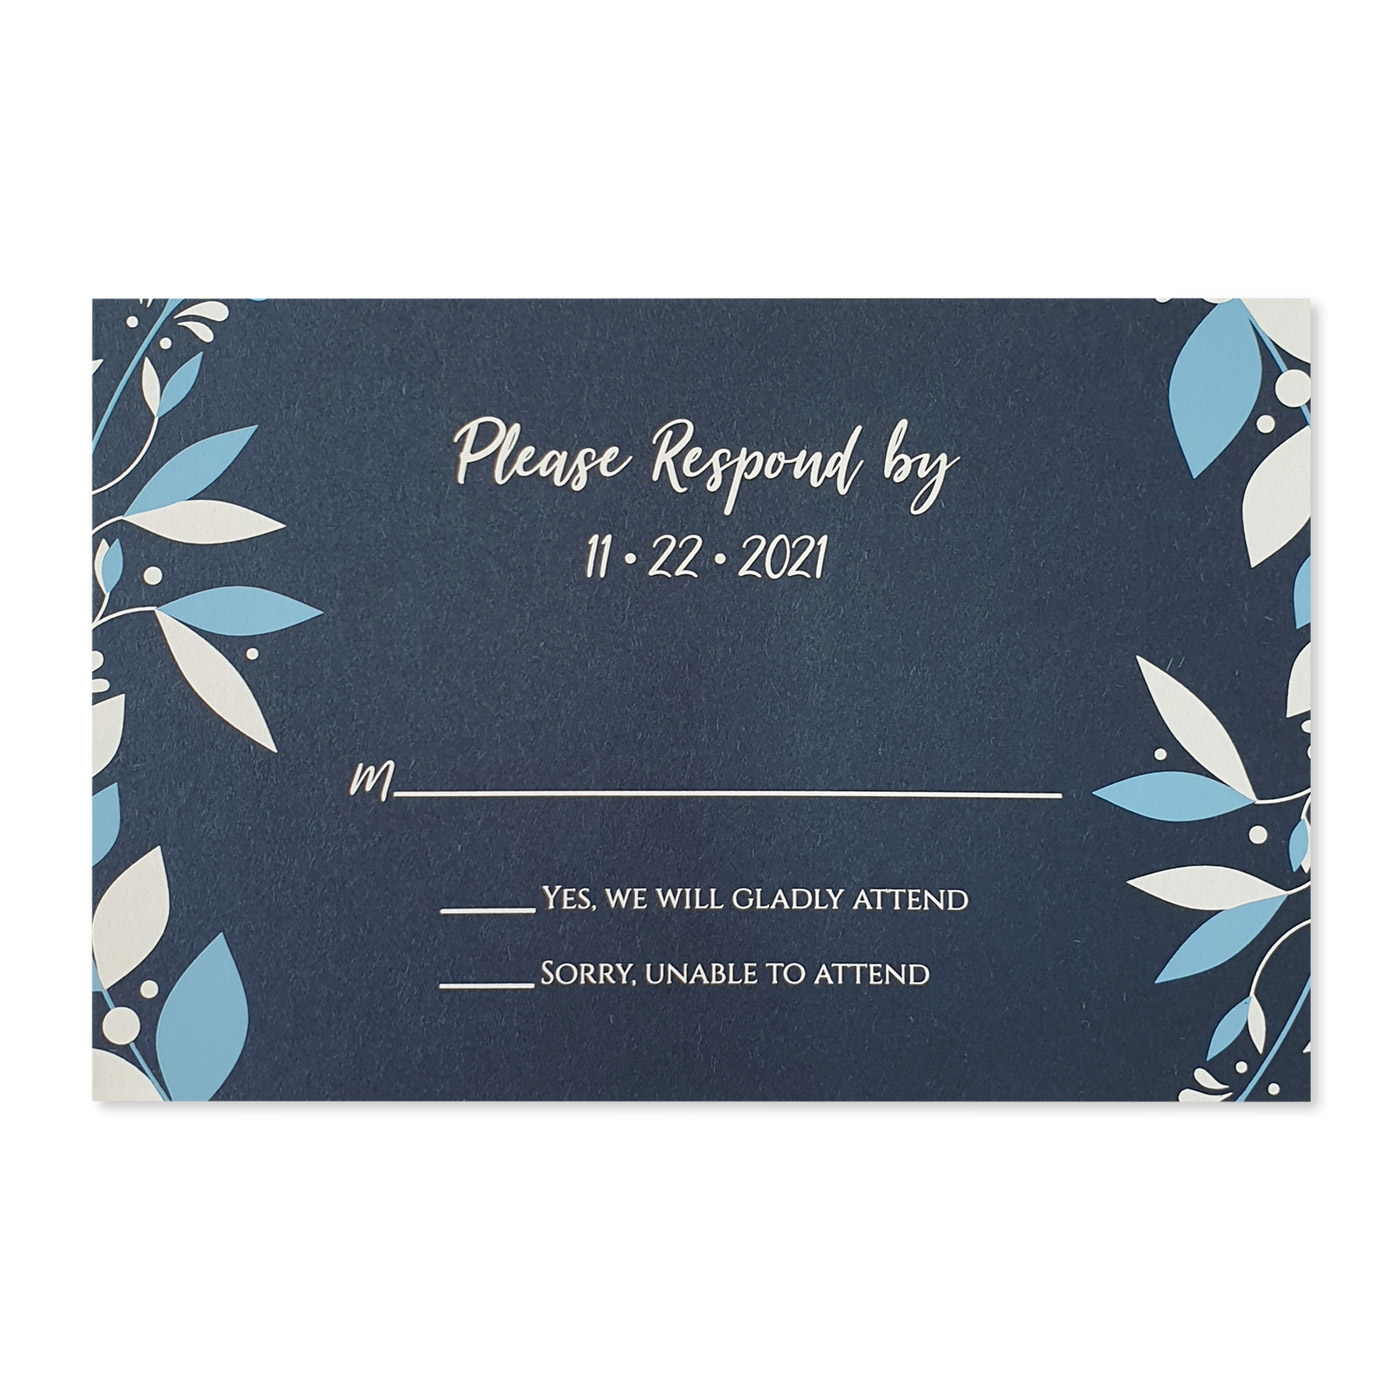 RSVP Cards : CRSVP-CORNER_WREATH - IndianWeddingCards